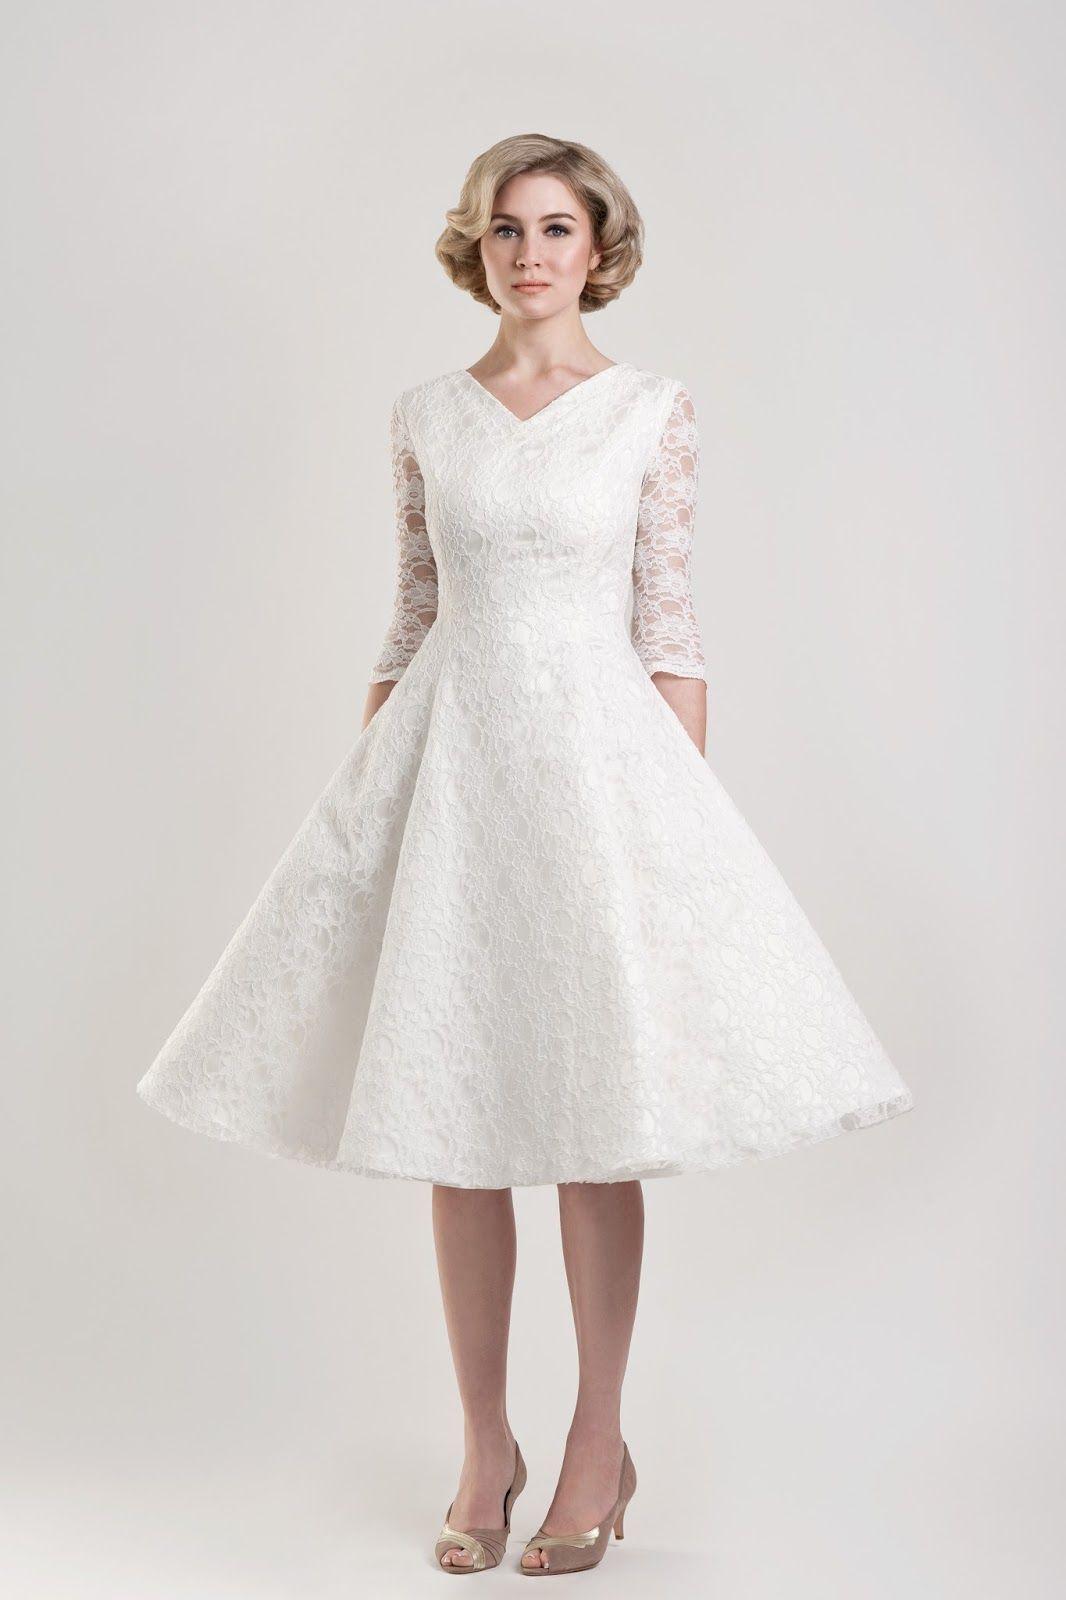 Short wedding dresses for older brides  Pictures Of Wedding Dresses For Older Brides  Liv u Kyalus wedding